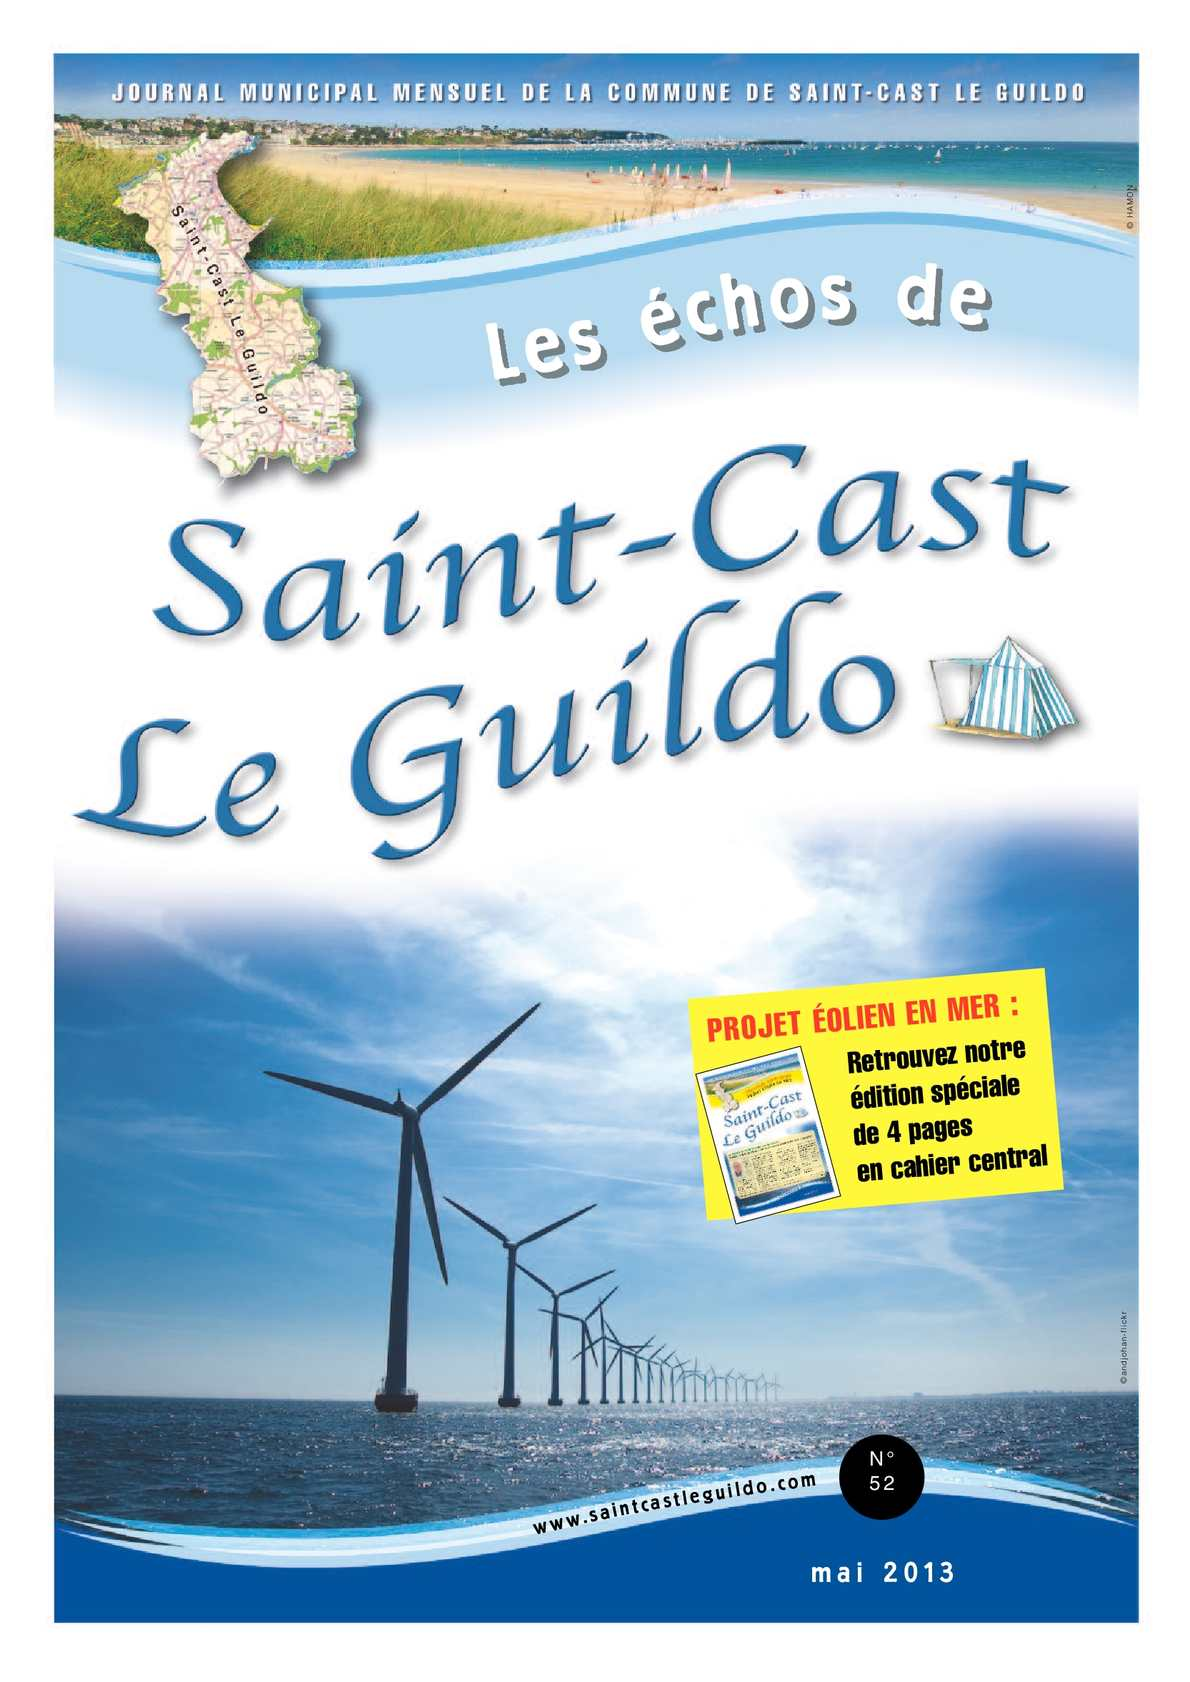 Calam o journal municipal de saint cast le guildo mai 2013 - Office du tourisme saint cast le guildo ...